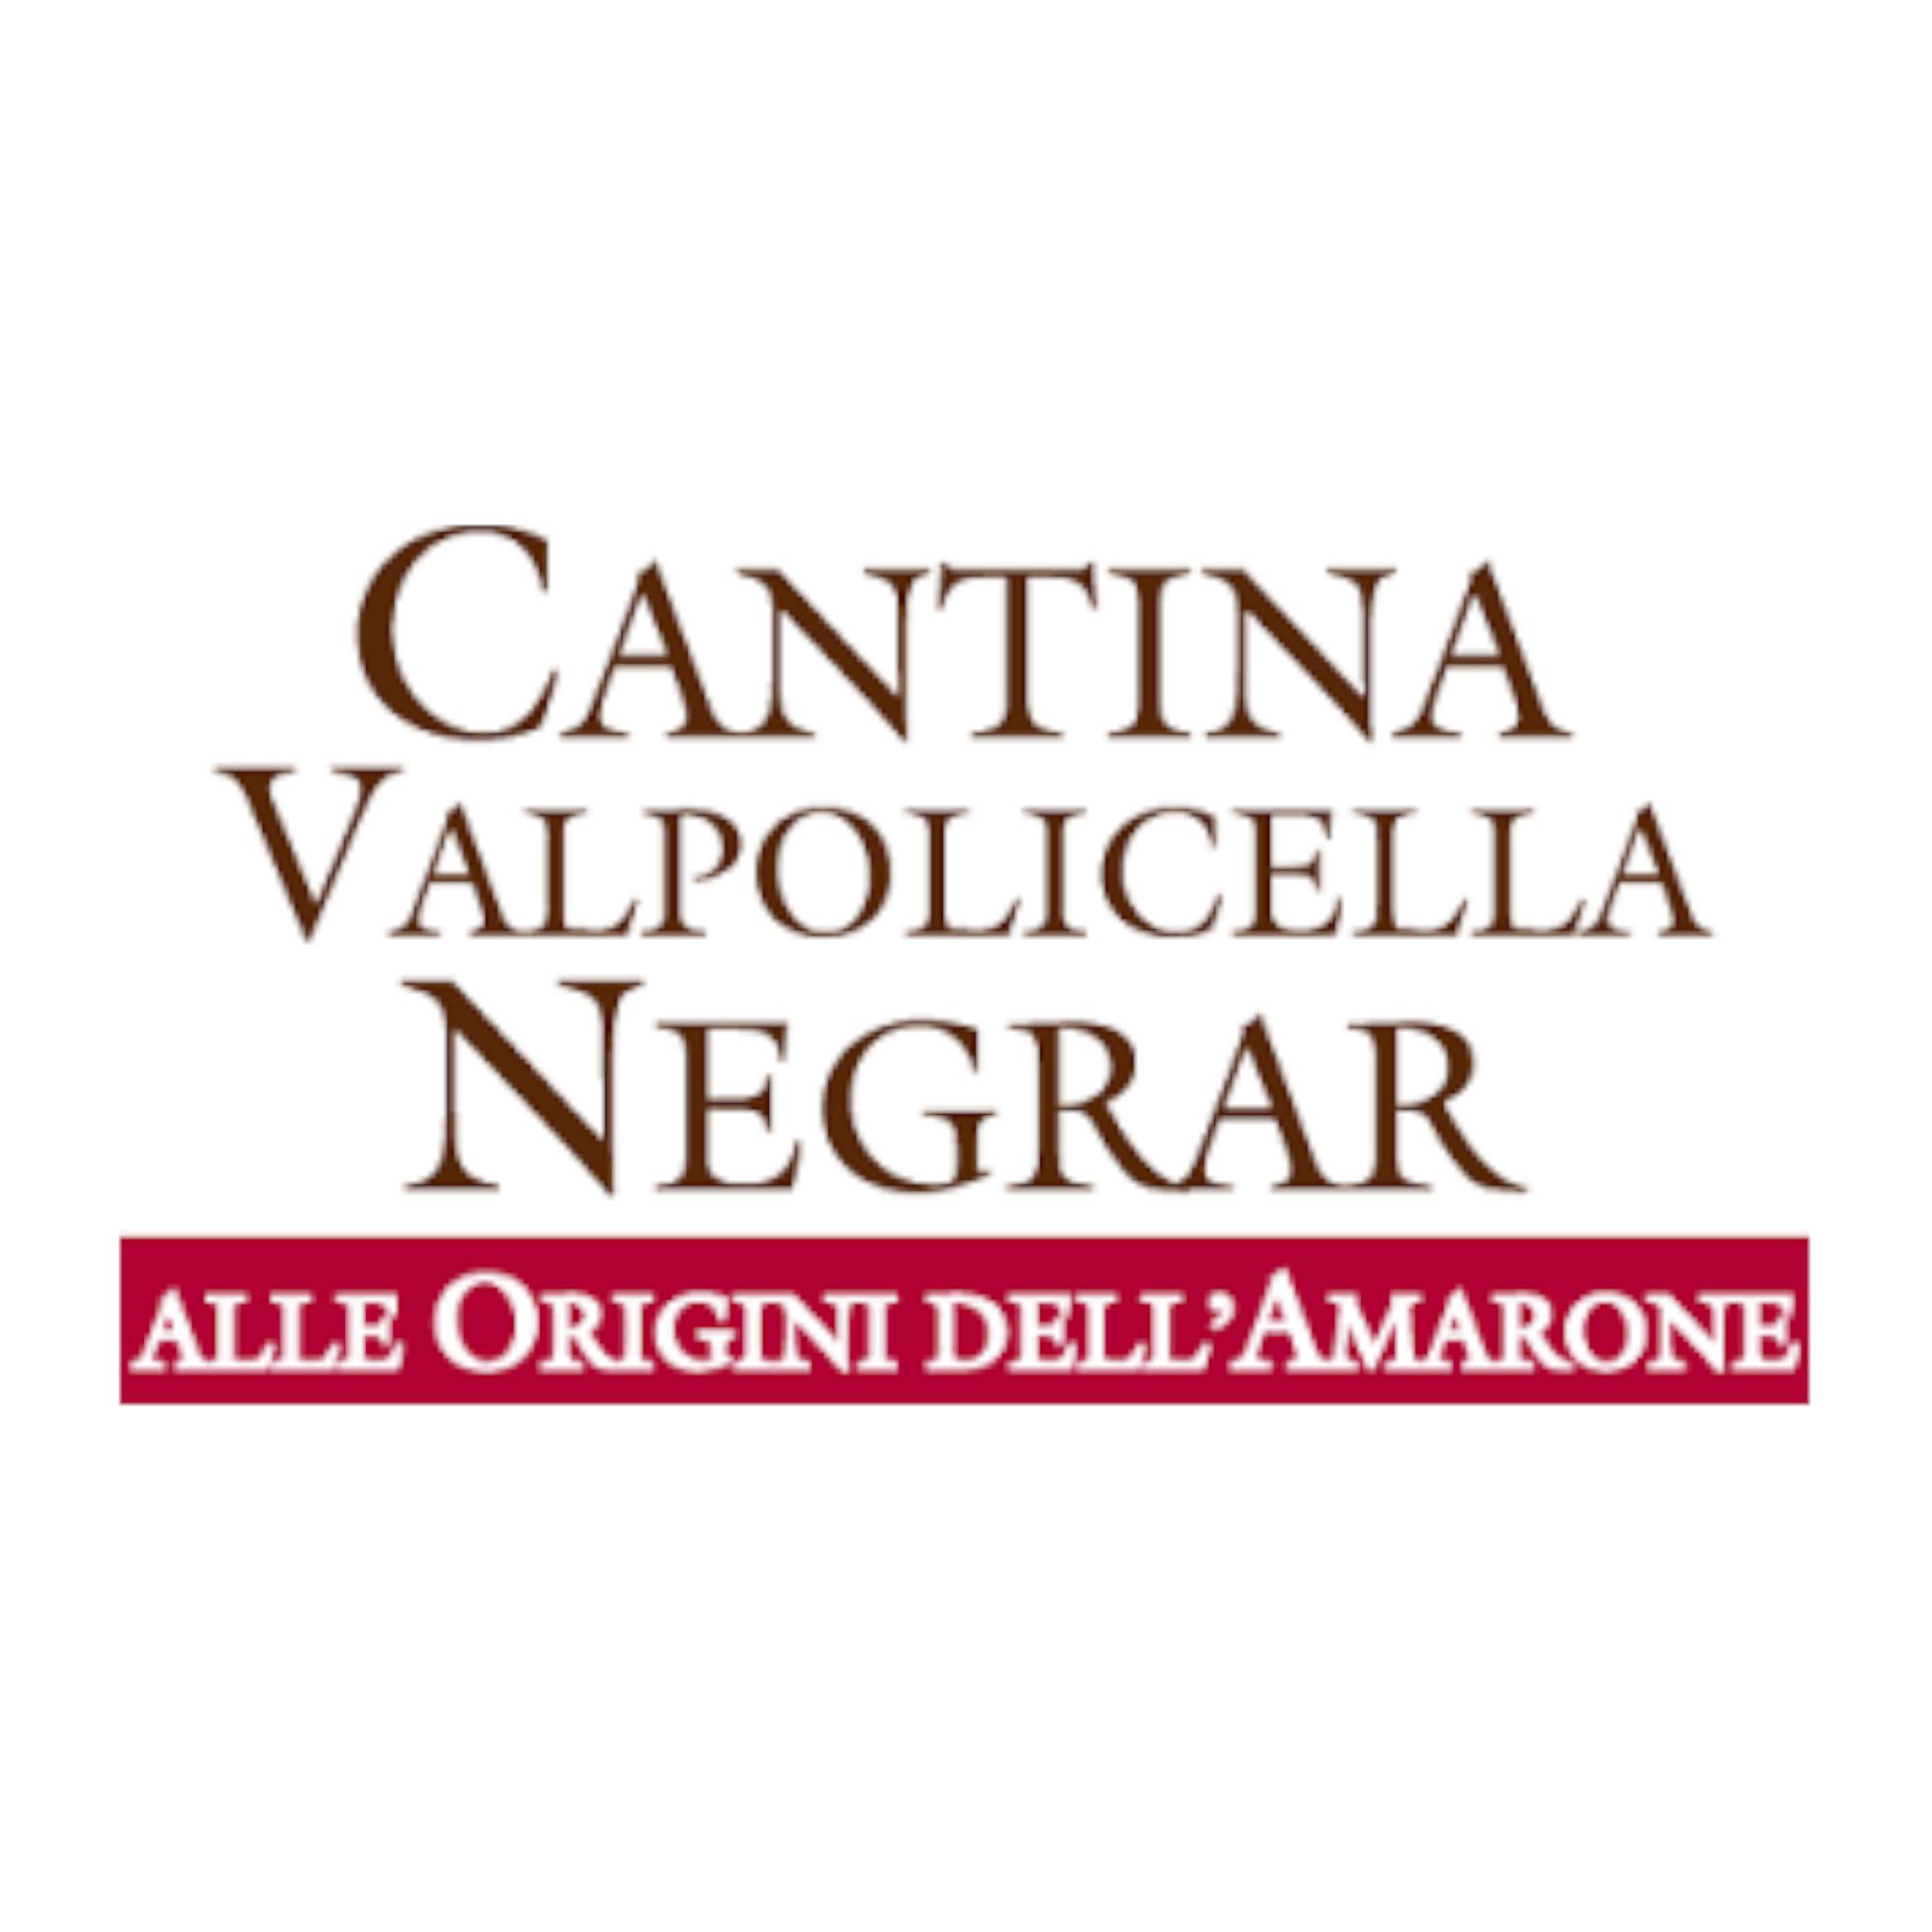 Cantina Valpolicella Negrar